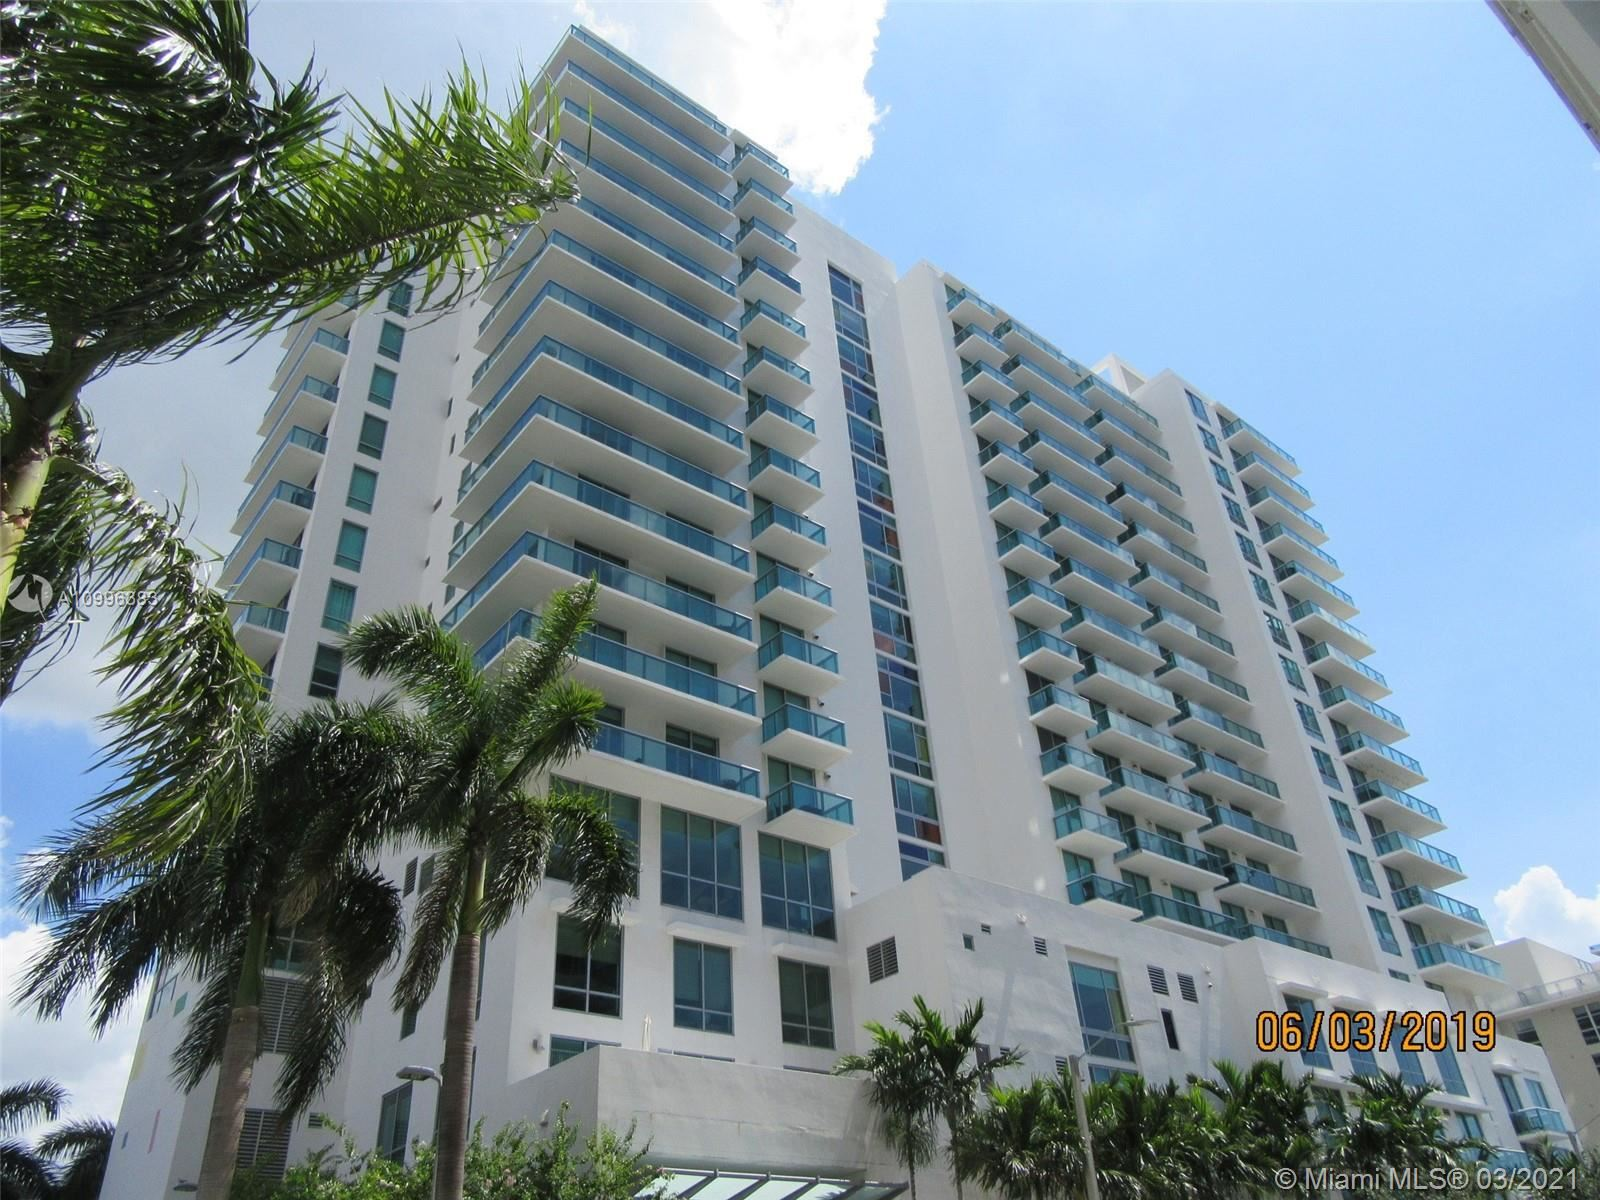 333 NE 24th St #1402, Miami, FL 33137 - #: A10996383